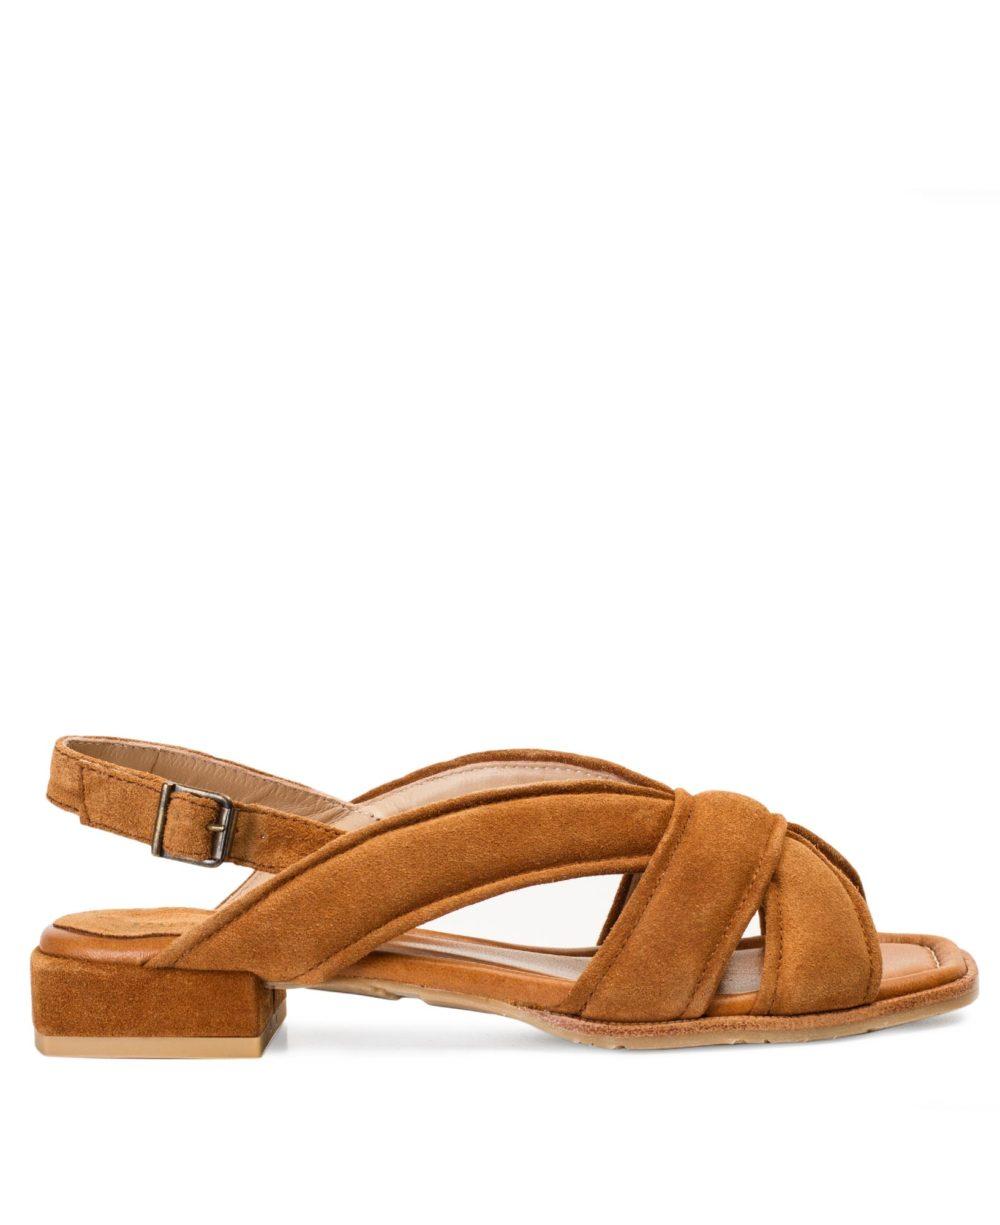 Sandalias de Piel Paco Gil - P-3917 Cuoio Velour P